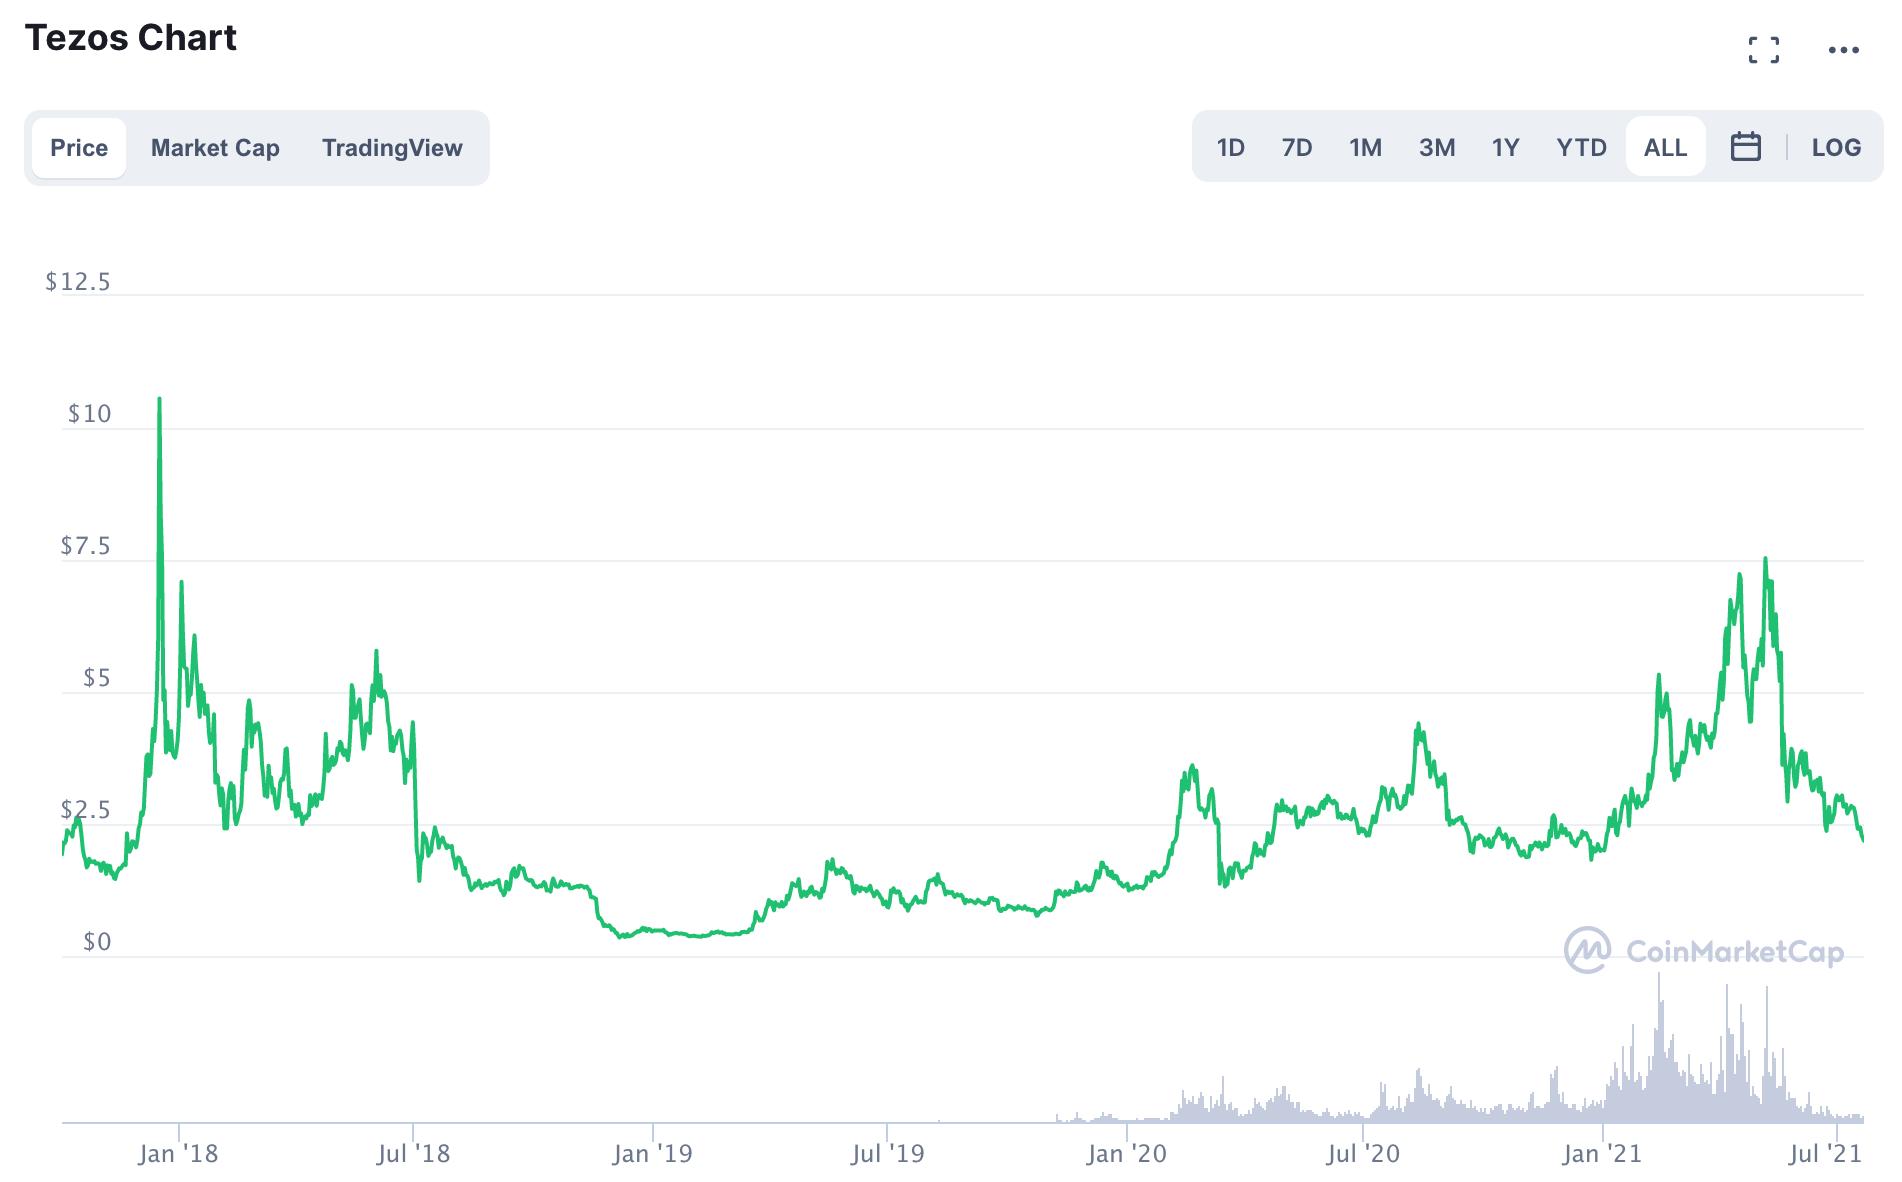 XTZ/USD Chart